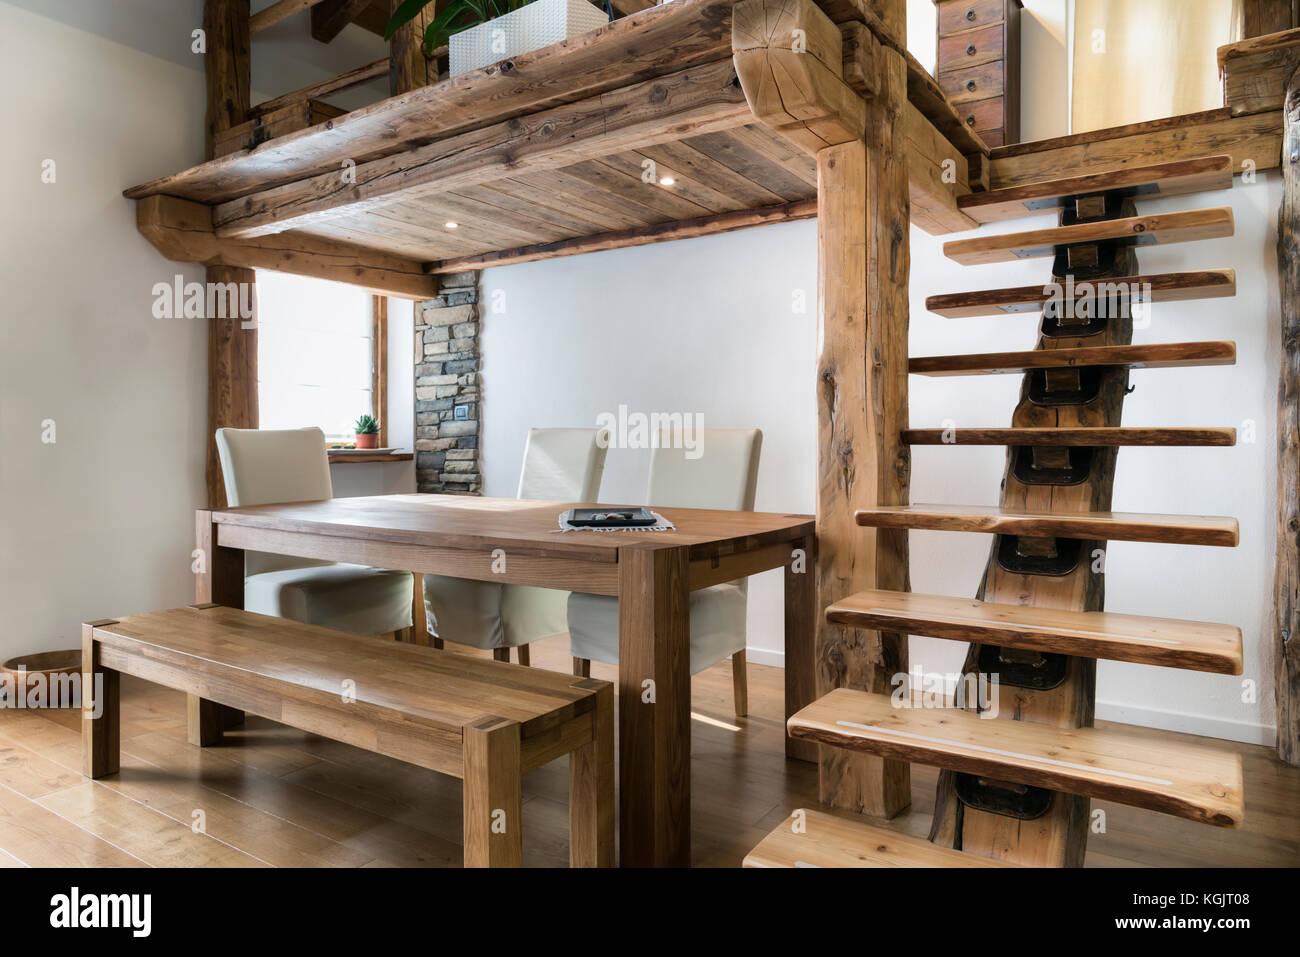 Holz tisch im esszimmer unter zwischenboden stockfoto for Tisch esszimmer holz